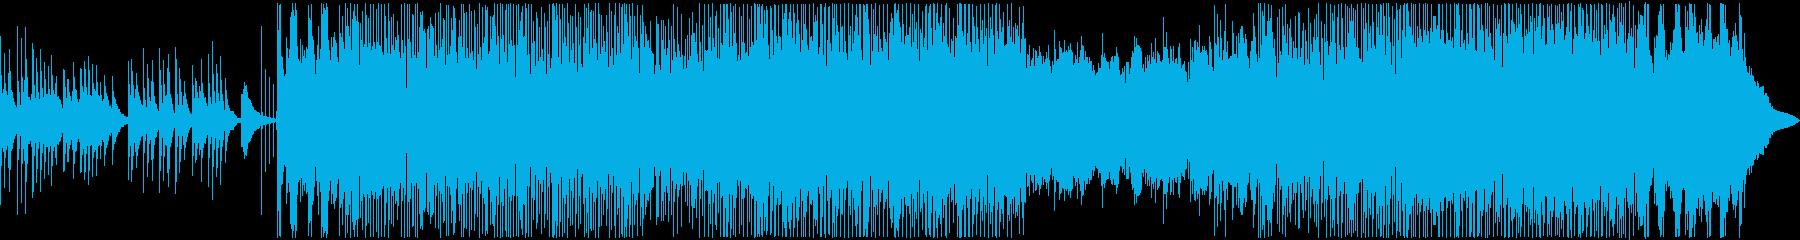 琴(箏)の生演奏によるミドルテンポ和風曲の再生済みの波形